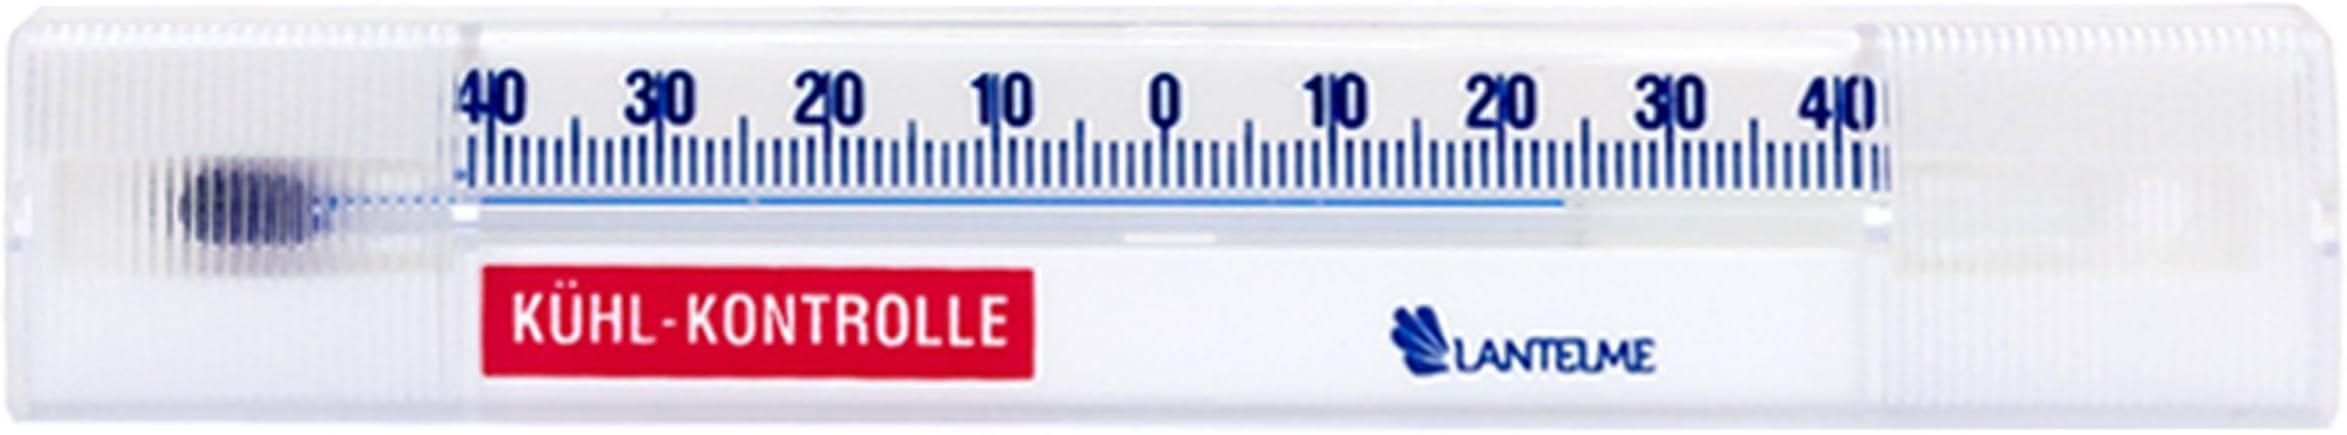 Frigorifico Termometro Horizontal Para Escopeta Frigorifico Congelador Termometro De Fabricacion Alemana Y Analog Amazon Es Hogar Termômetro analógico utilizado em forno de pizza, cozinha industrial,forno iglu, como também na fabricação para a aplicação em máquinas, instalação industrial. frigorifico termometro horizontal para